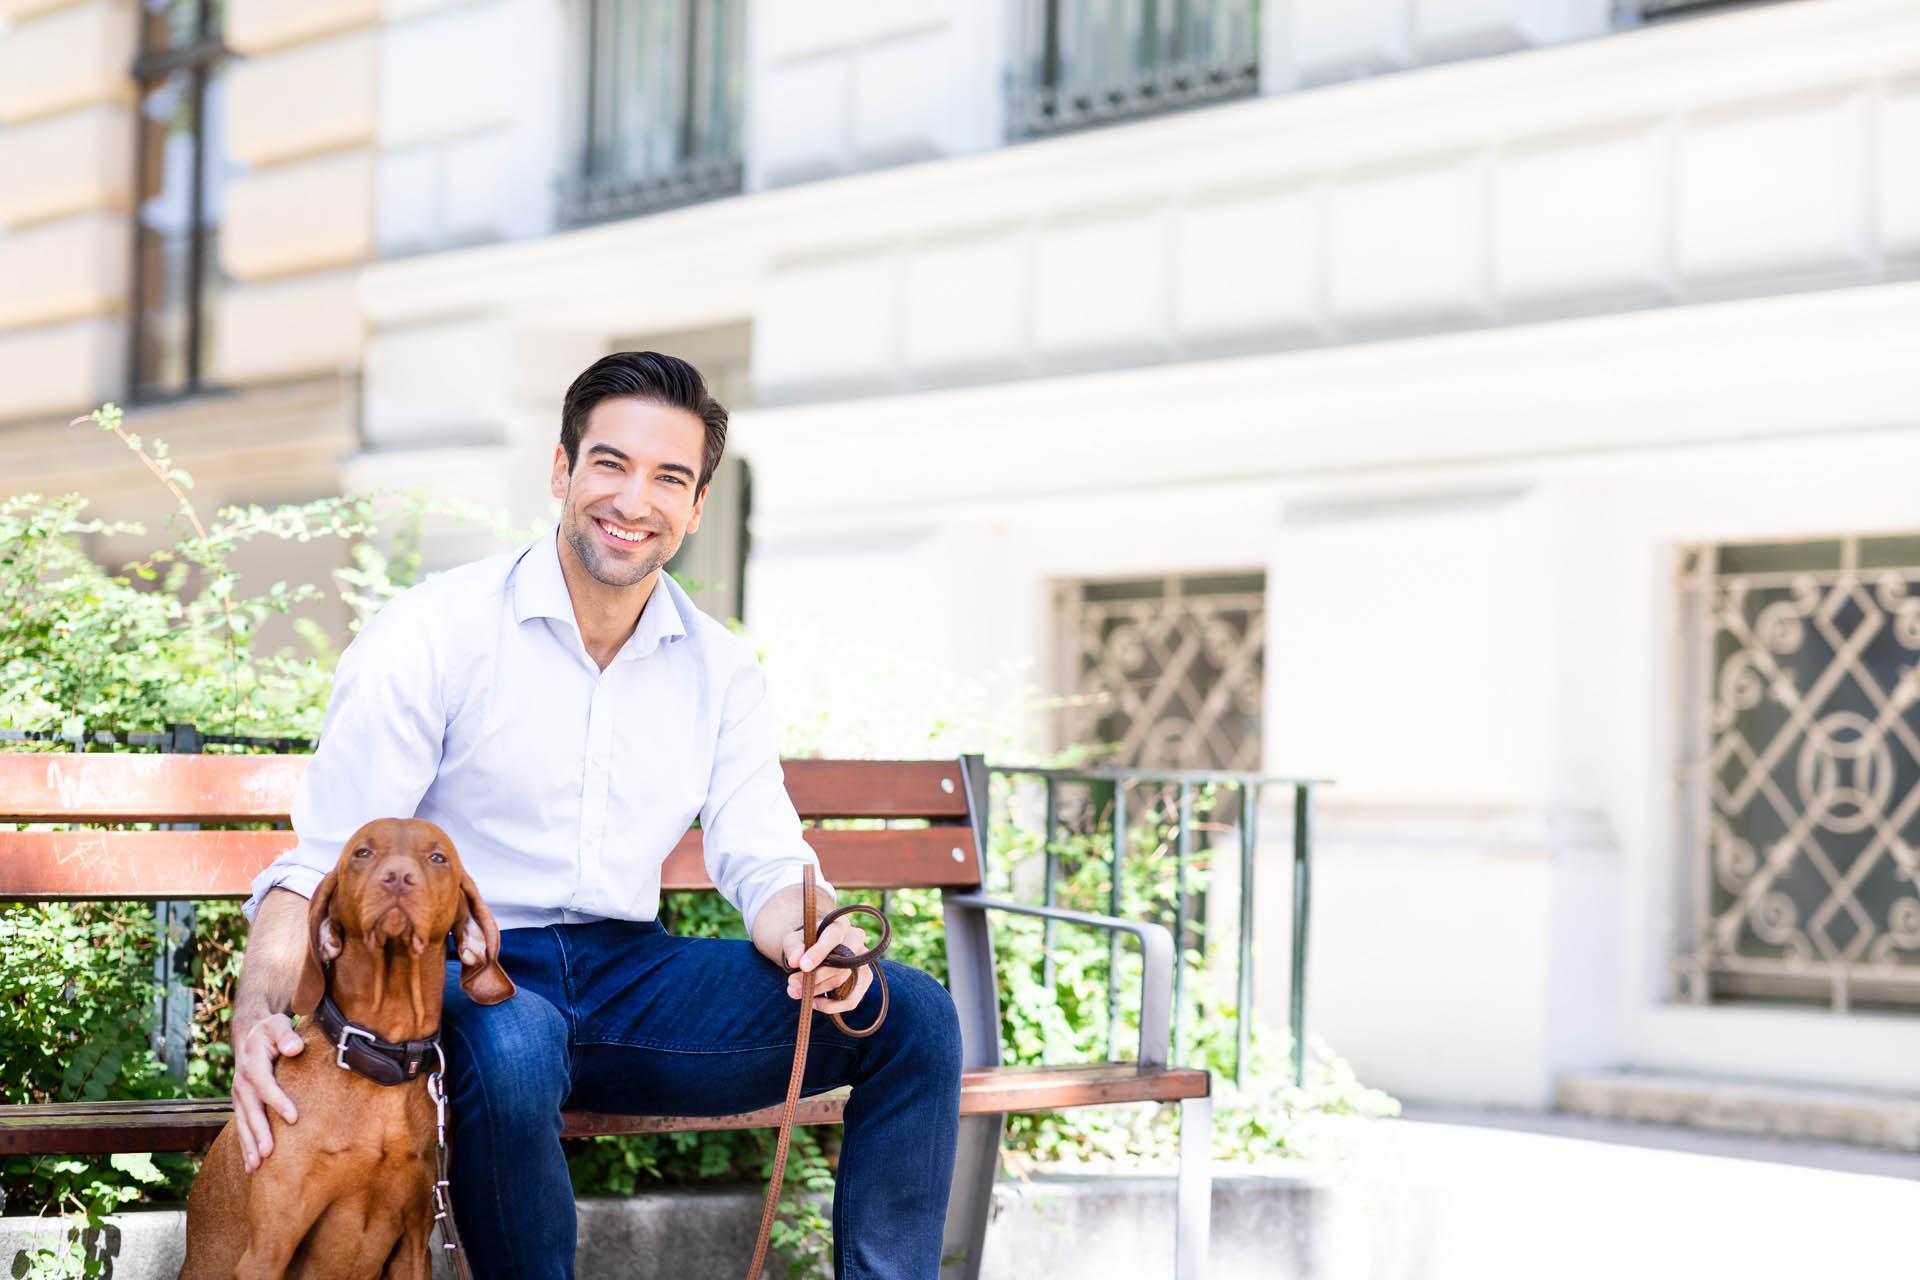 Invisalign Patient mit Hund auf Parkbank